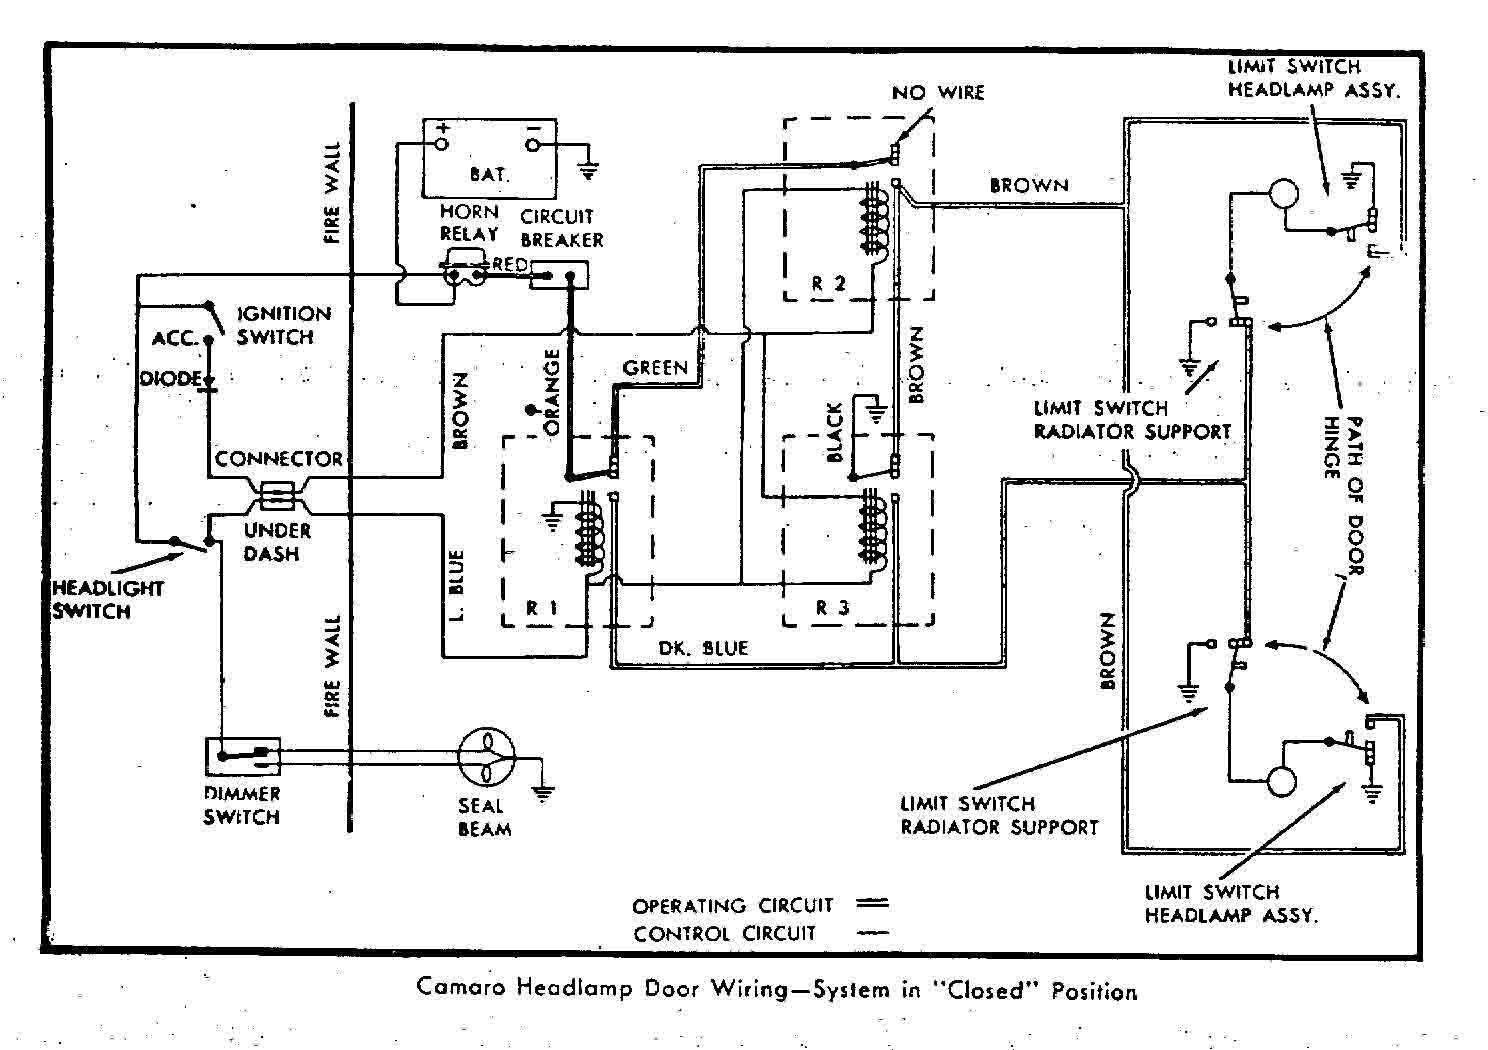 Pleasant 1967 Firebird Shifter Wiring Diagram Wiring Diagram Data Schema Wiring Cloud Apomsimijknierdonabenoleattemohammedshrineorg